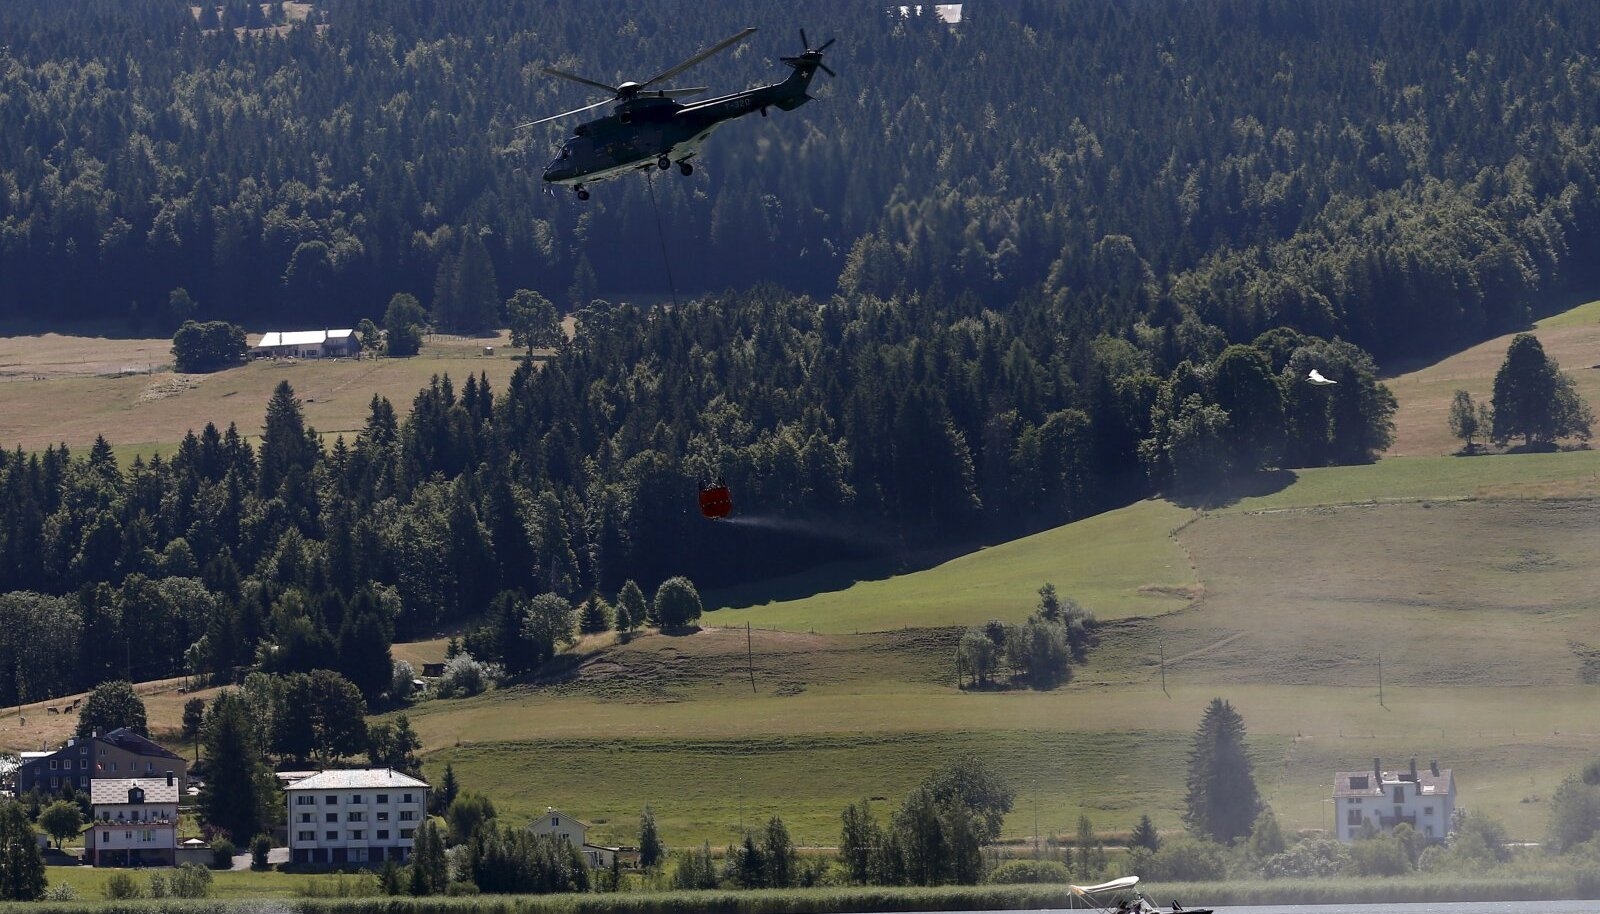 Helikopter veekoormaga Joux järve kohal